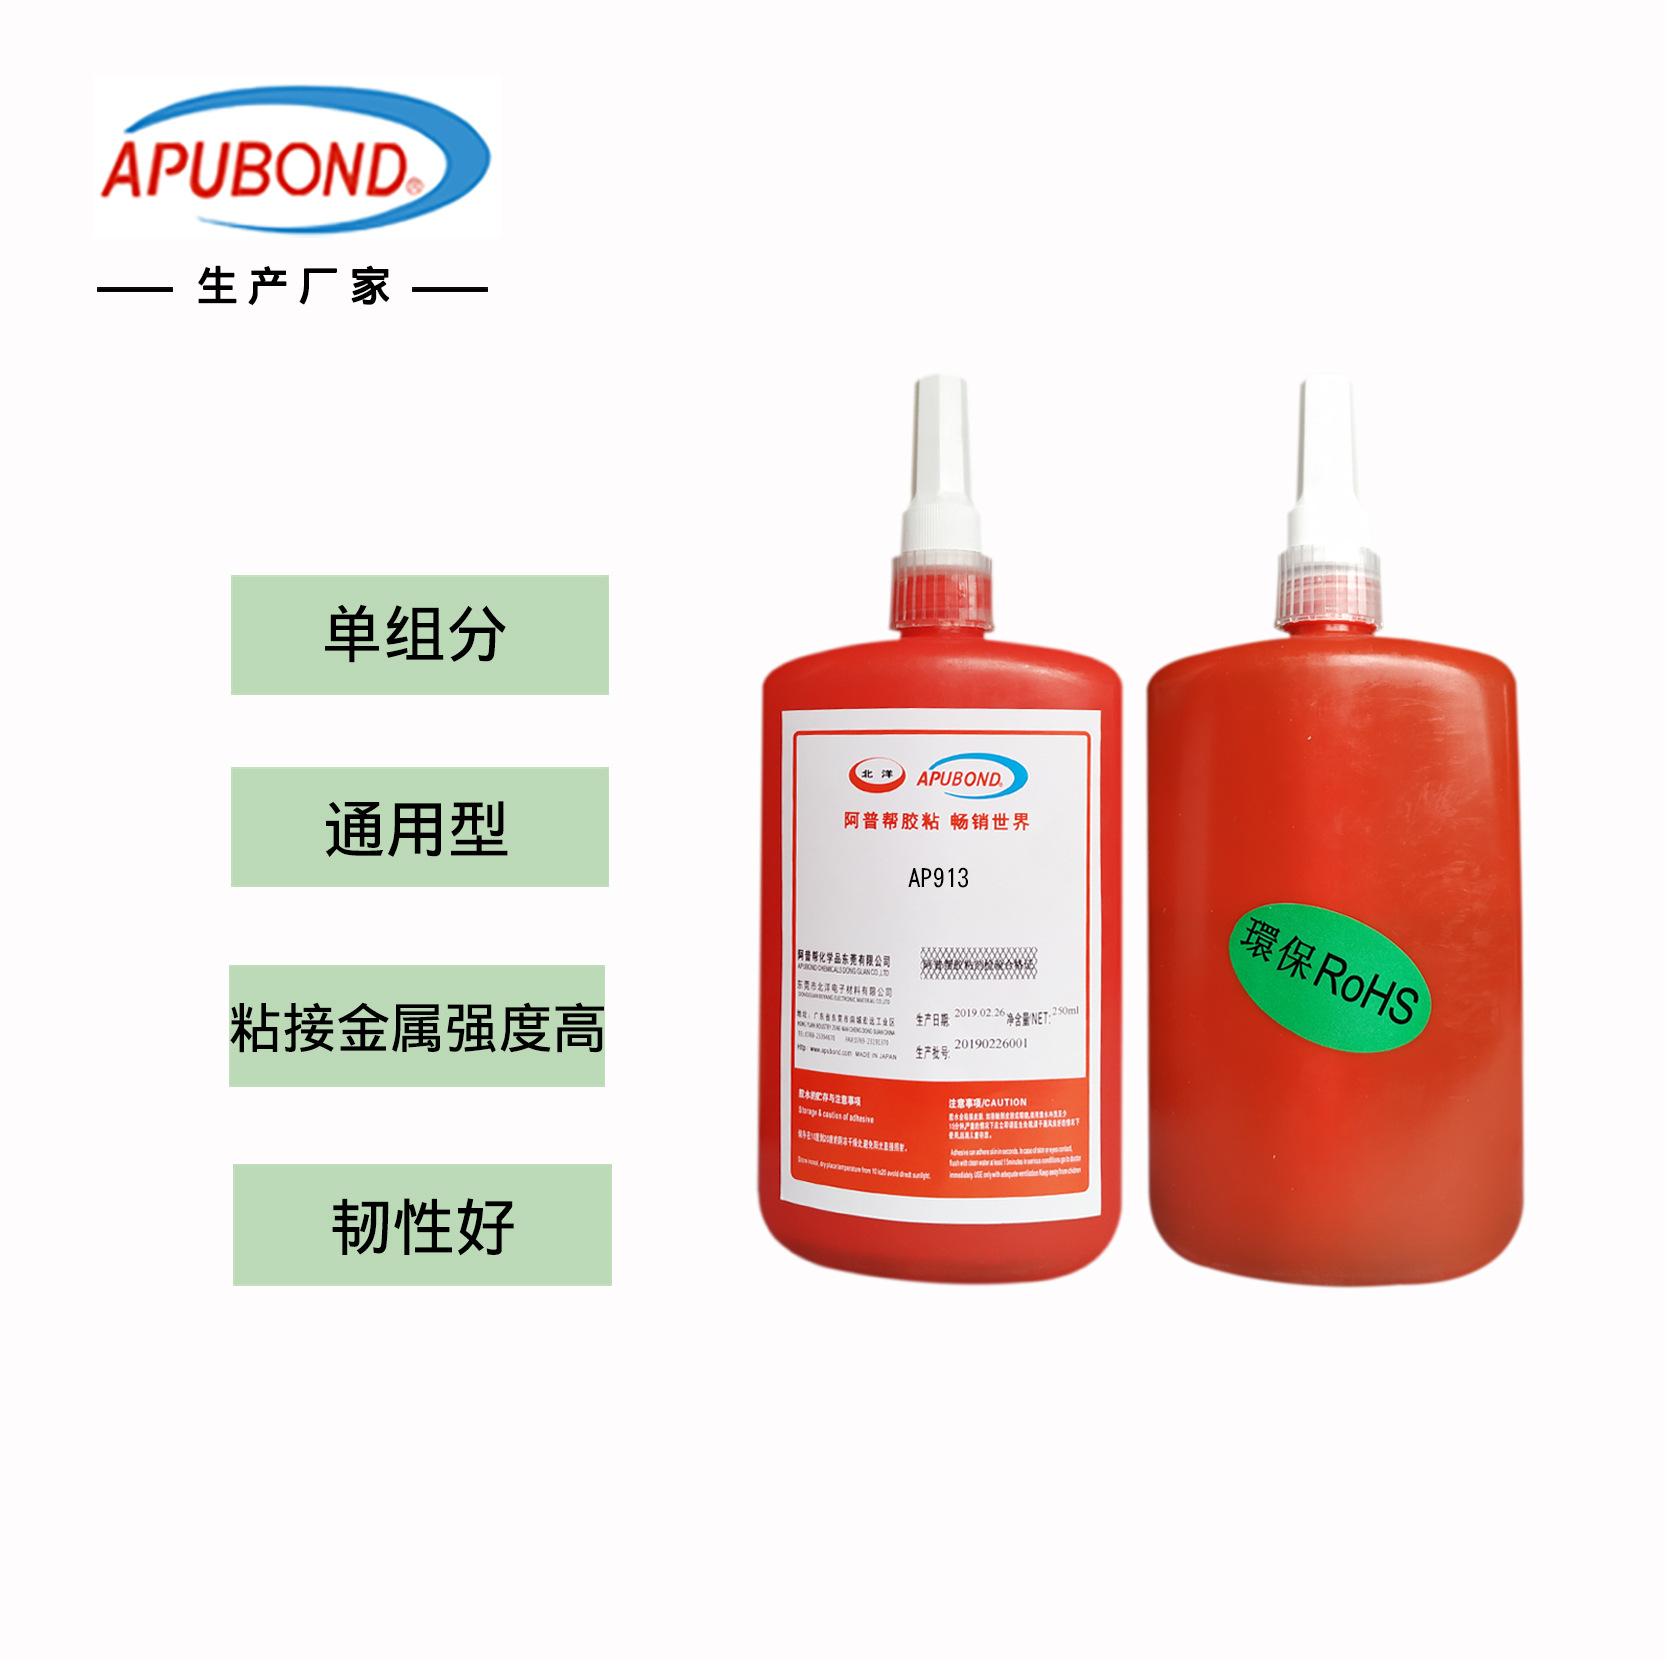 阿普帮AP913胶水 金属发动机磁铁专用结构胶 高强度厌氧型结构胶